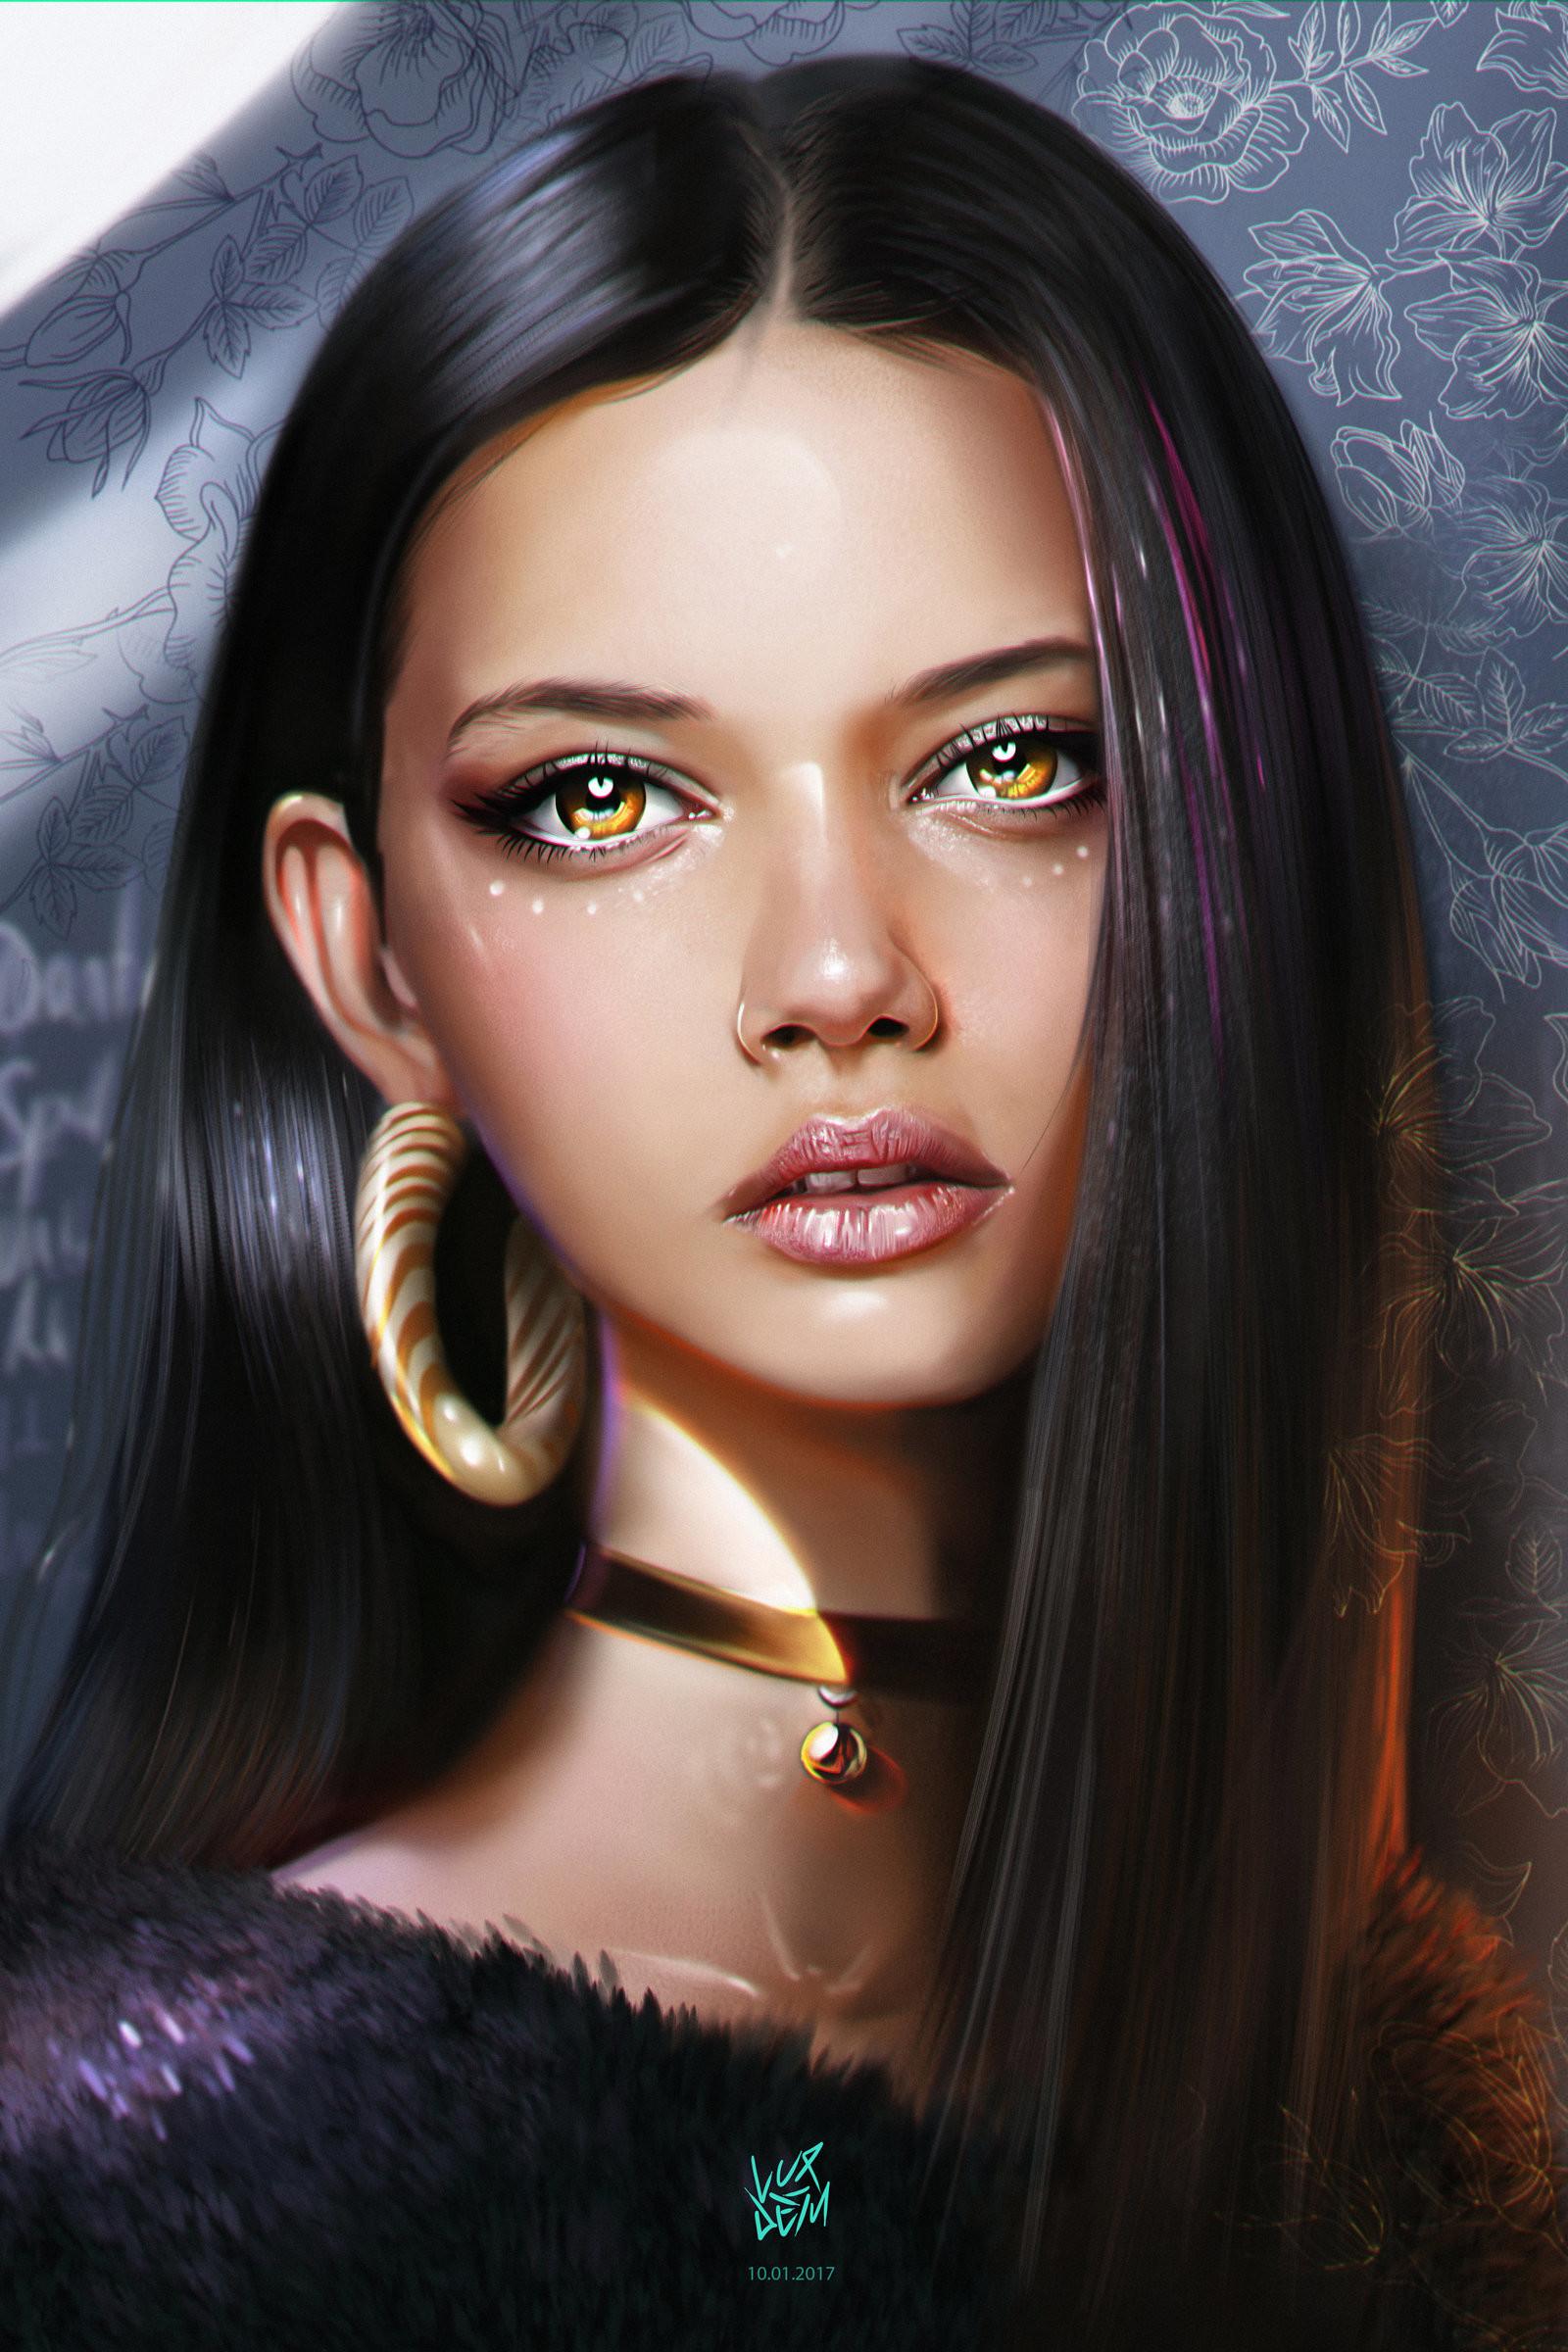 Yasar vurdem marina nery portrait by vurdem dauwp1q